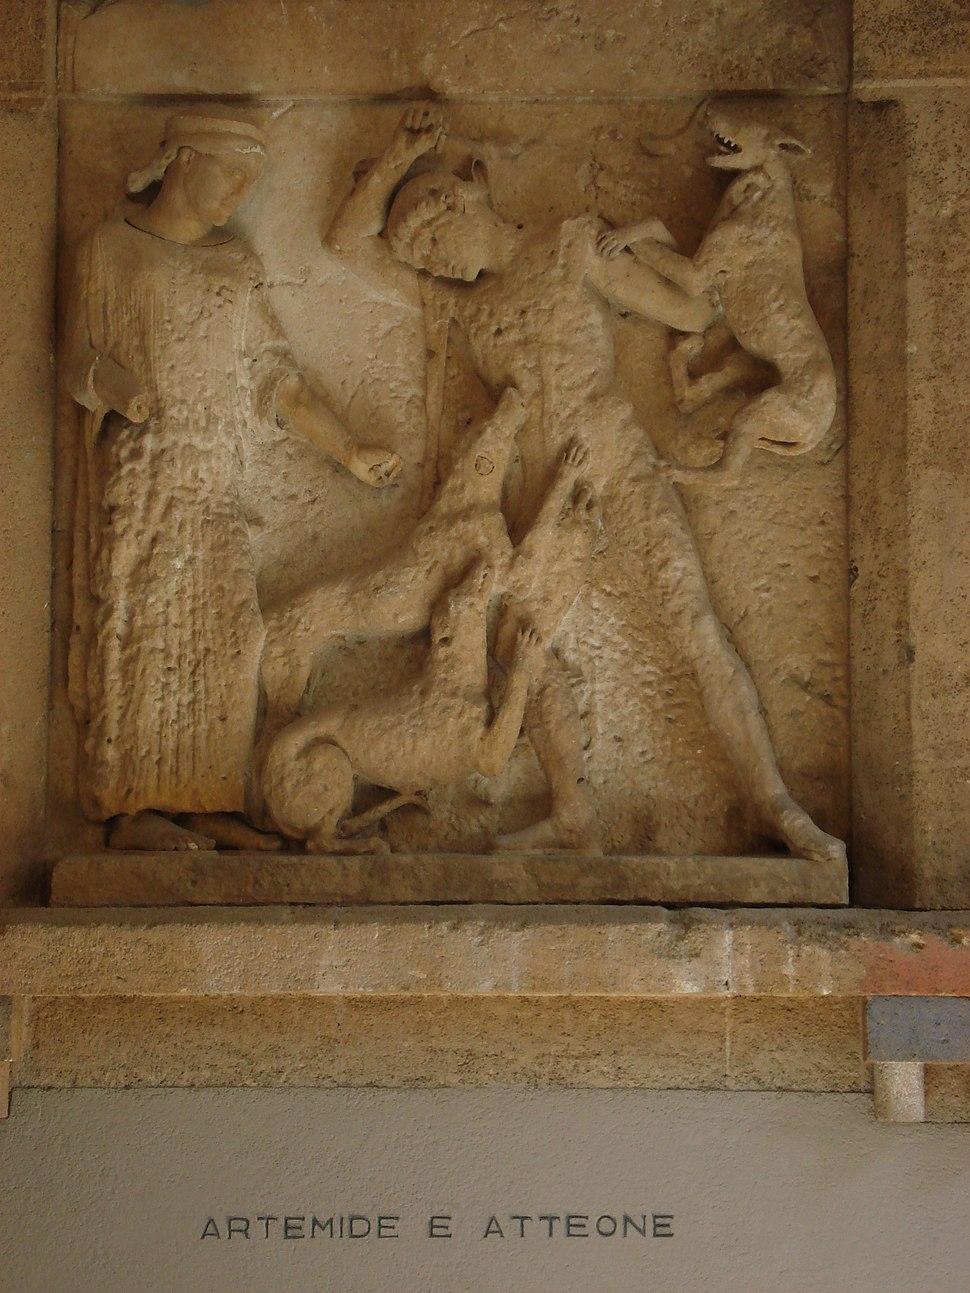 DSC00403 - Tempio E di Selinunte - Artemide e Atteone - Ca. 450 a.C. - Foto G. Dall'Orto